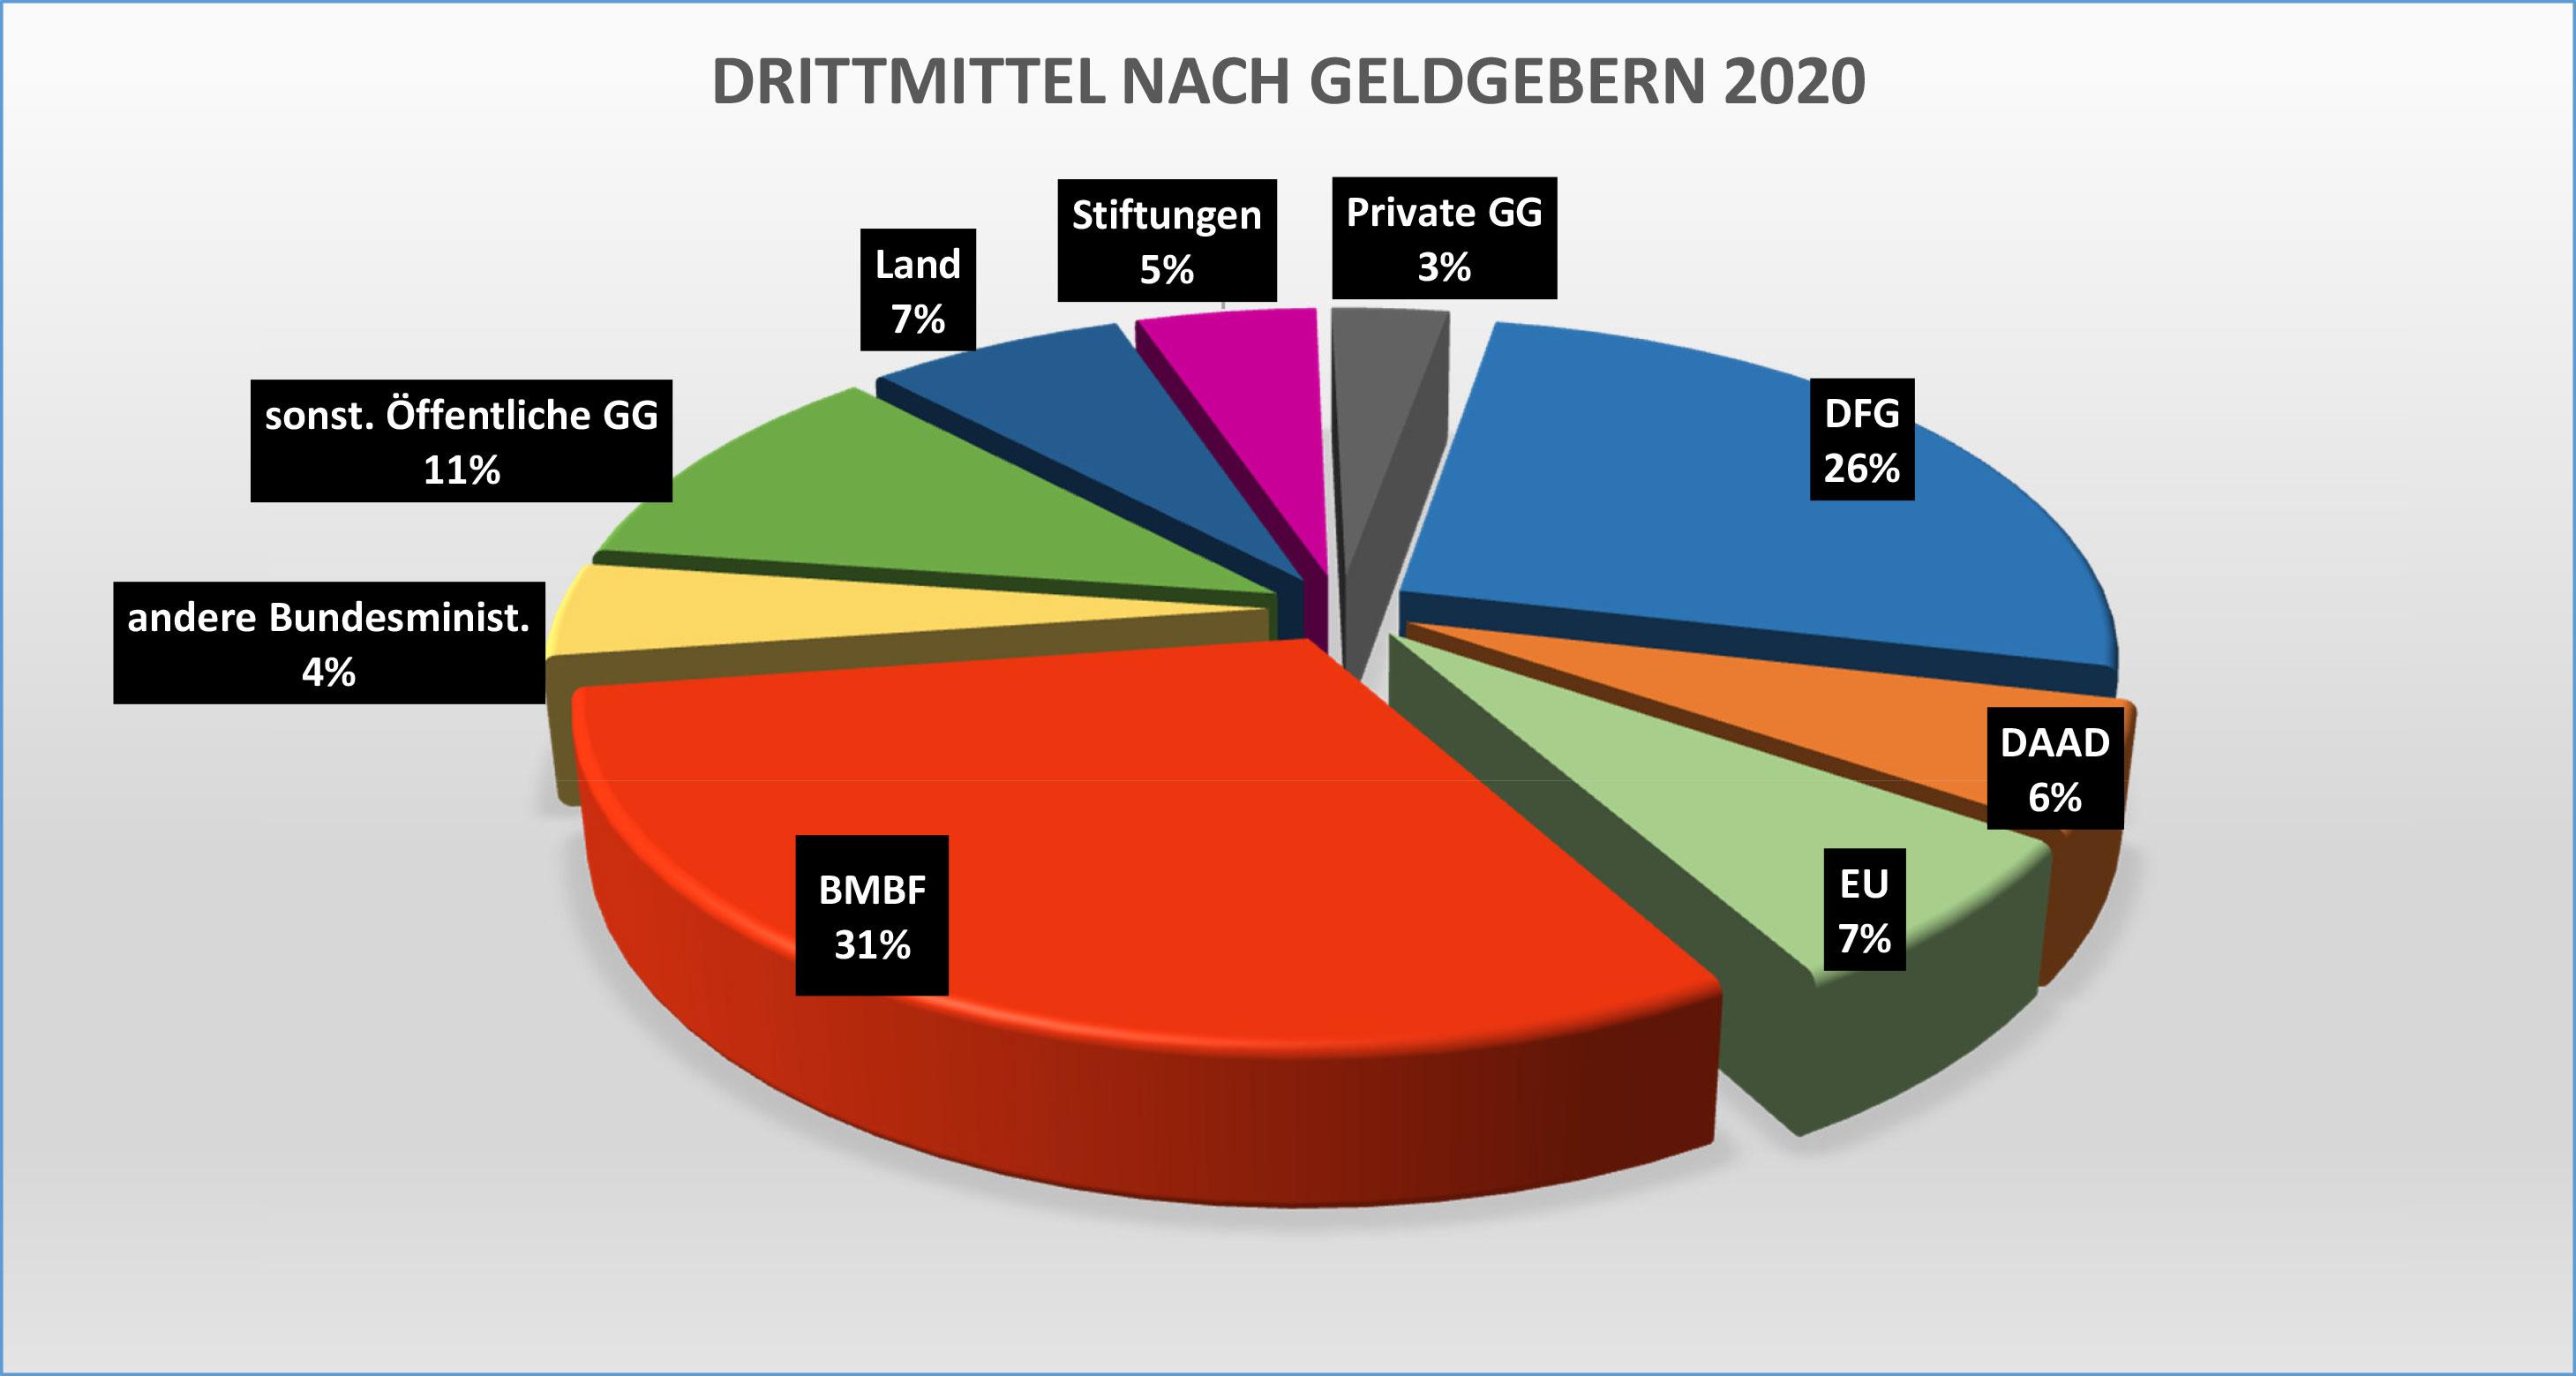 Grafik Drittmitteleinnahmen nach Geldgebern 2020